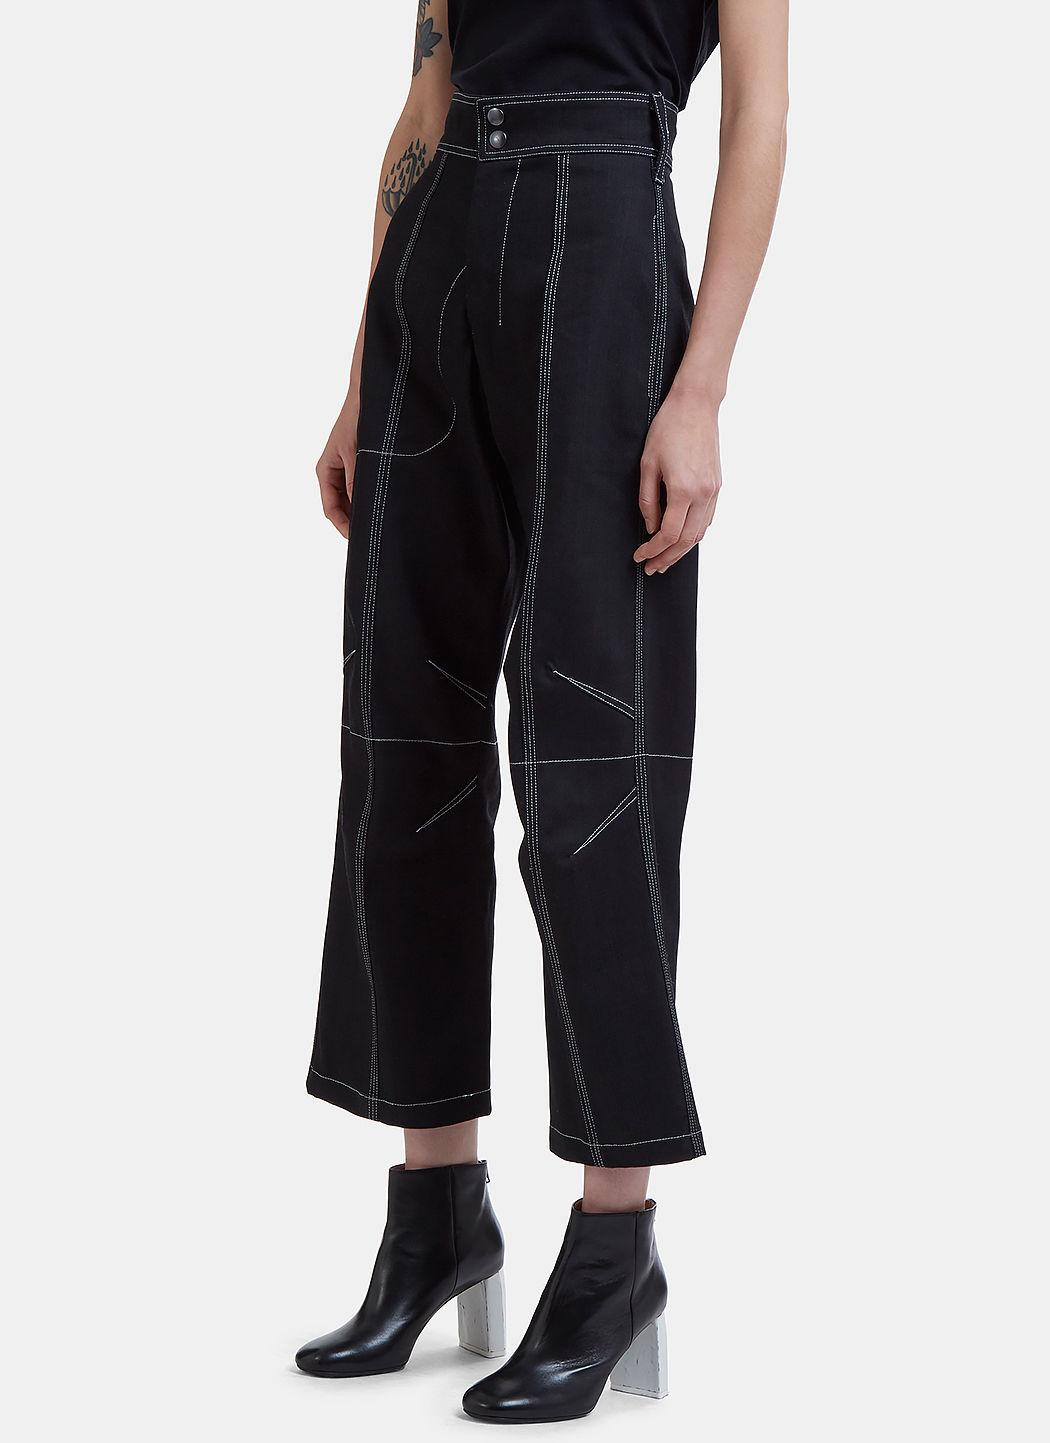 Vejas Darted Contrast Stitch Denim Pants In Black